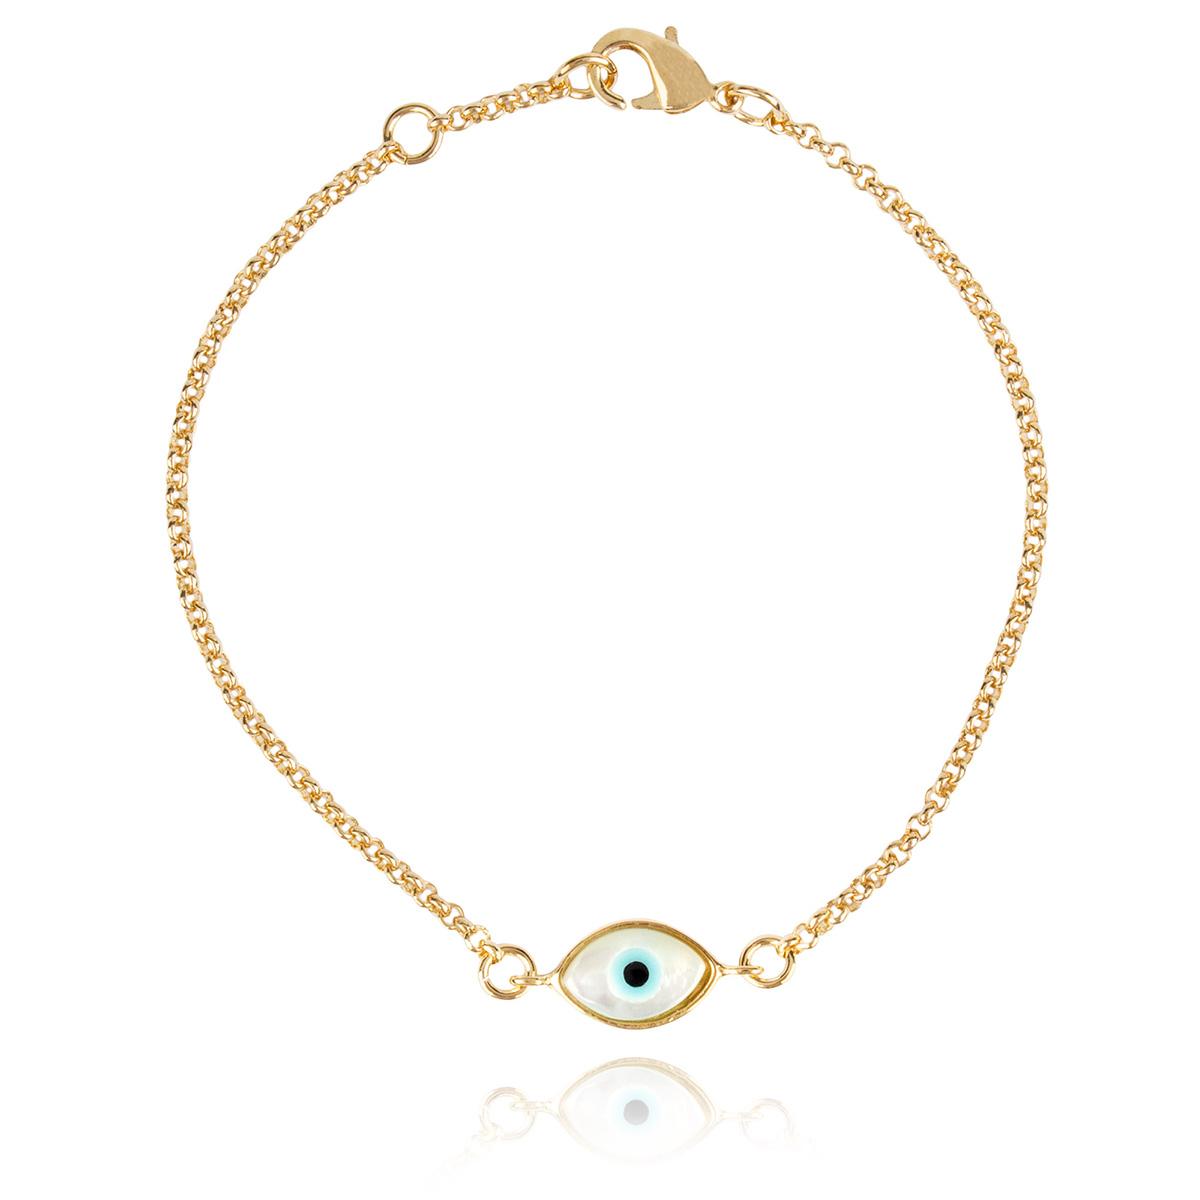 Pulseira Olho Grego de Madrepérola Semijoia em Ouro 18K  - Soloyou